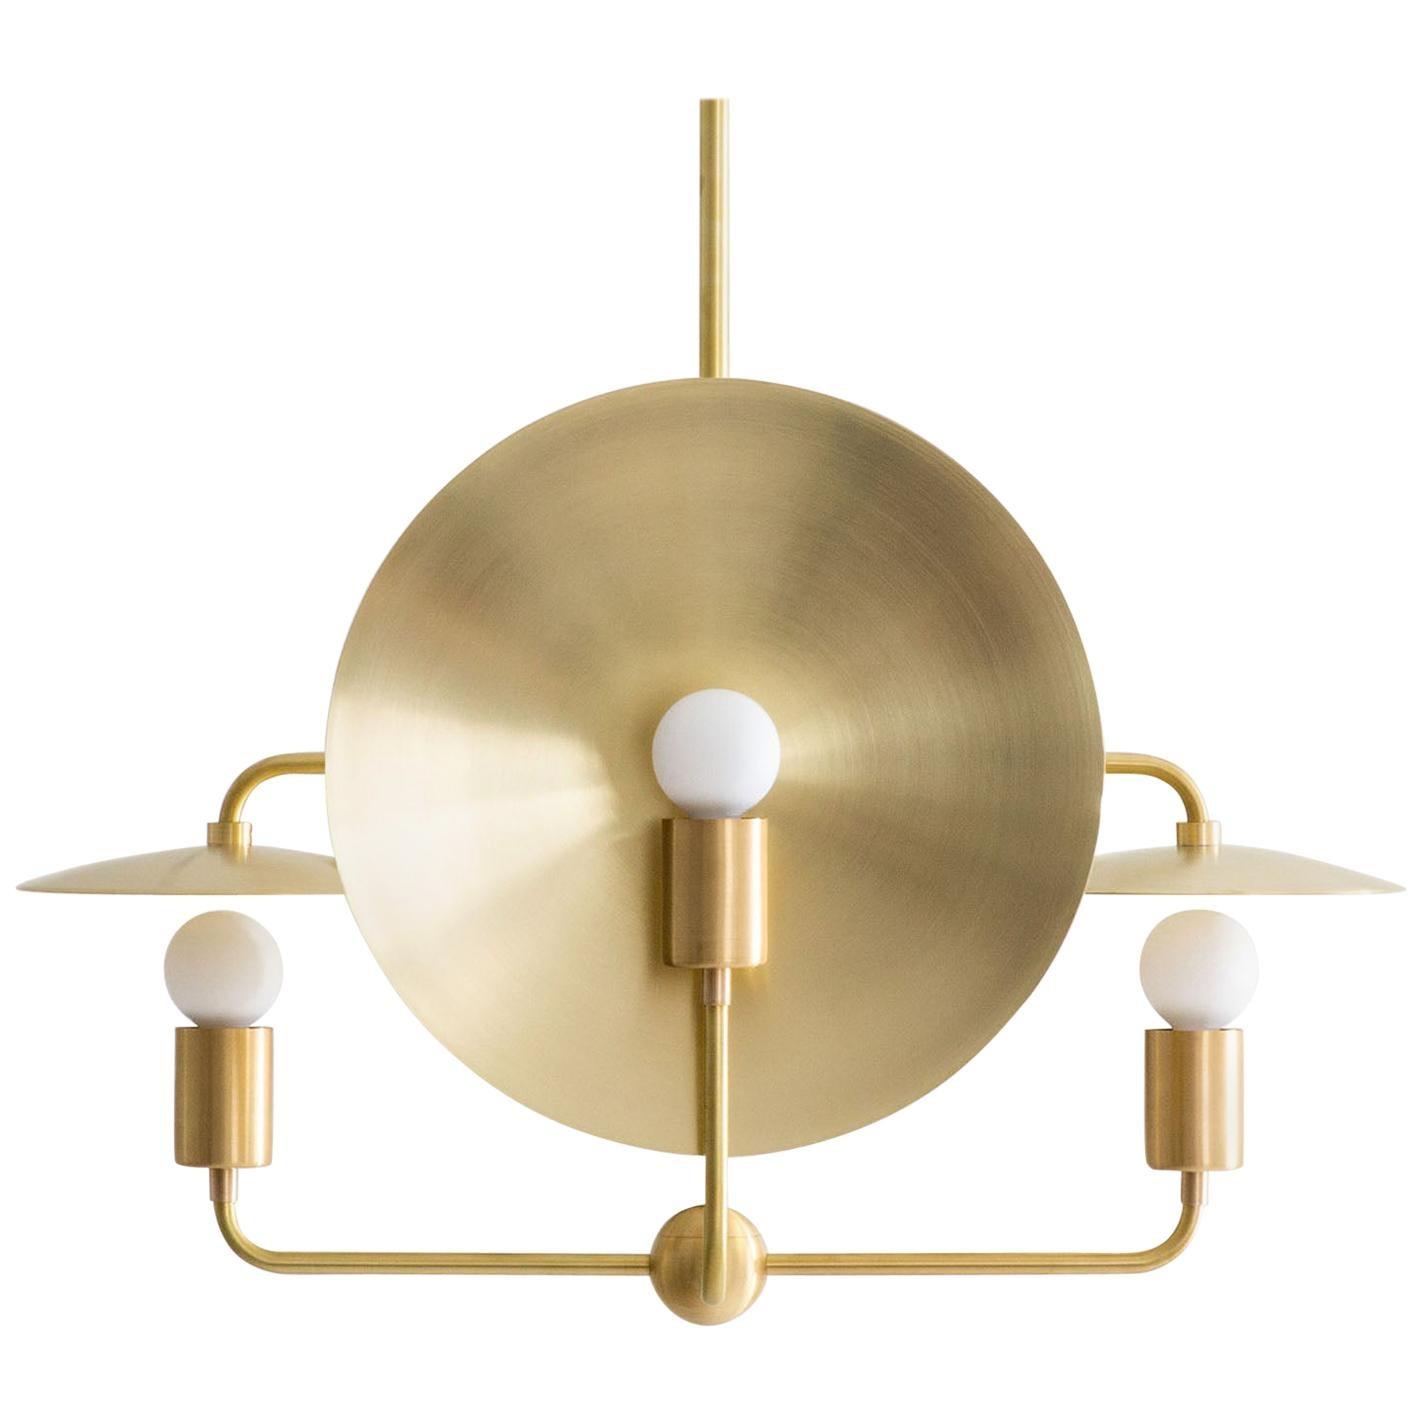 Workstead Orbit Chandelier Hewn Brass